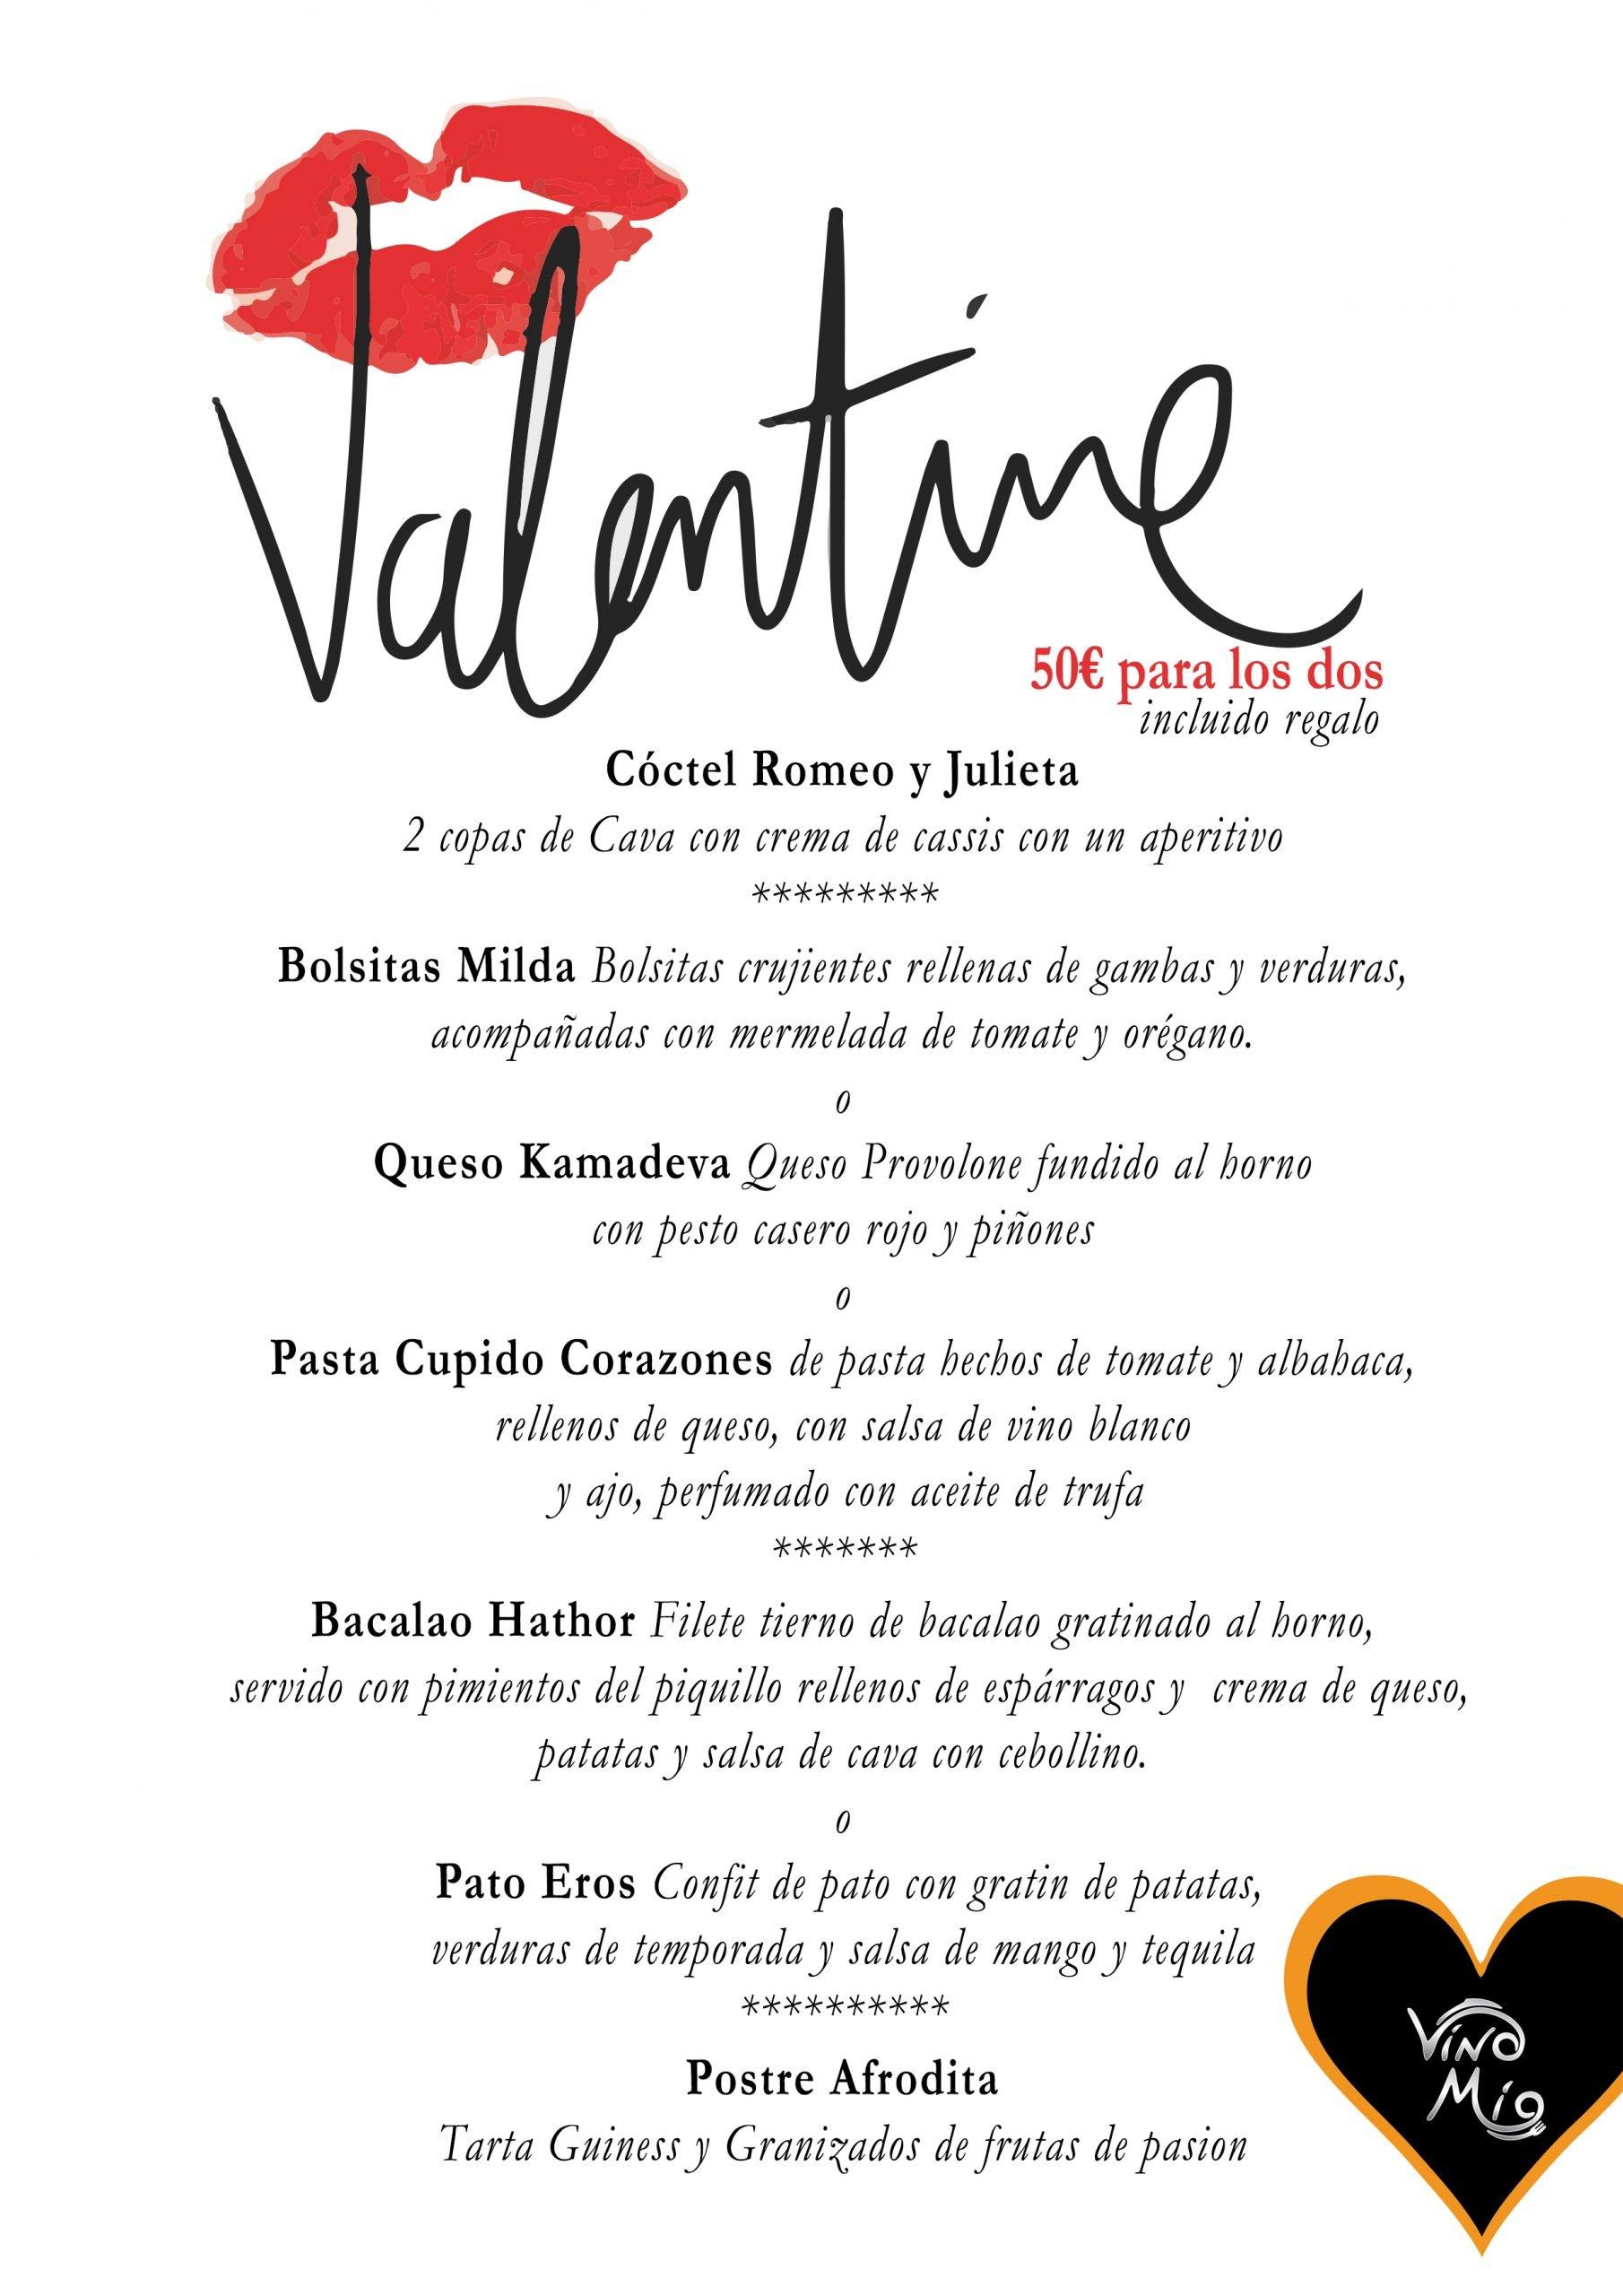 Valentine in Vino Mio